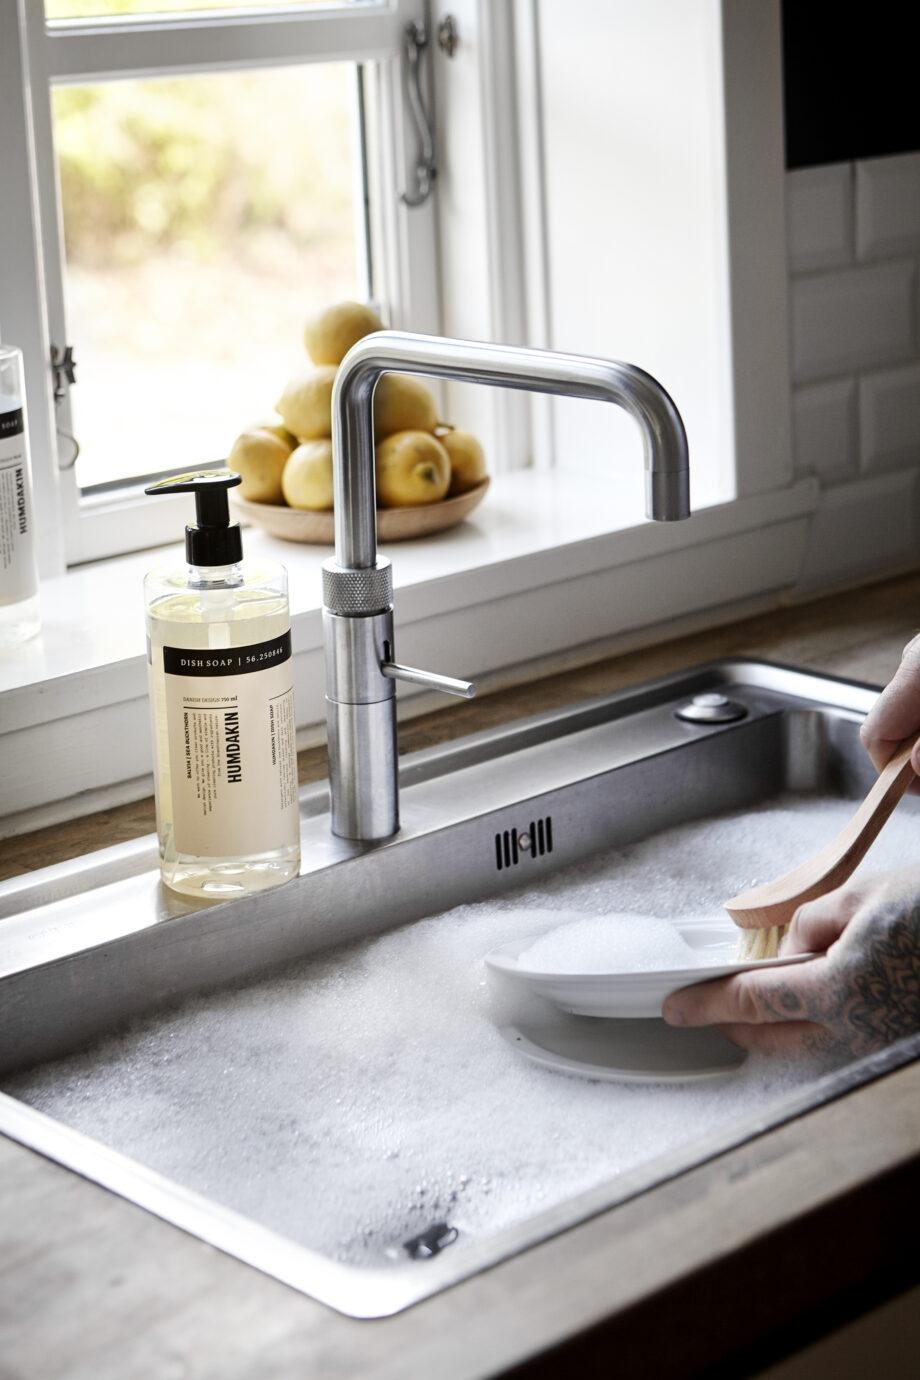 Humdakin afwasmiddel in mooie pompfles voor de keuken